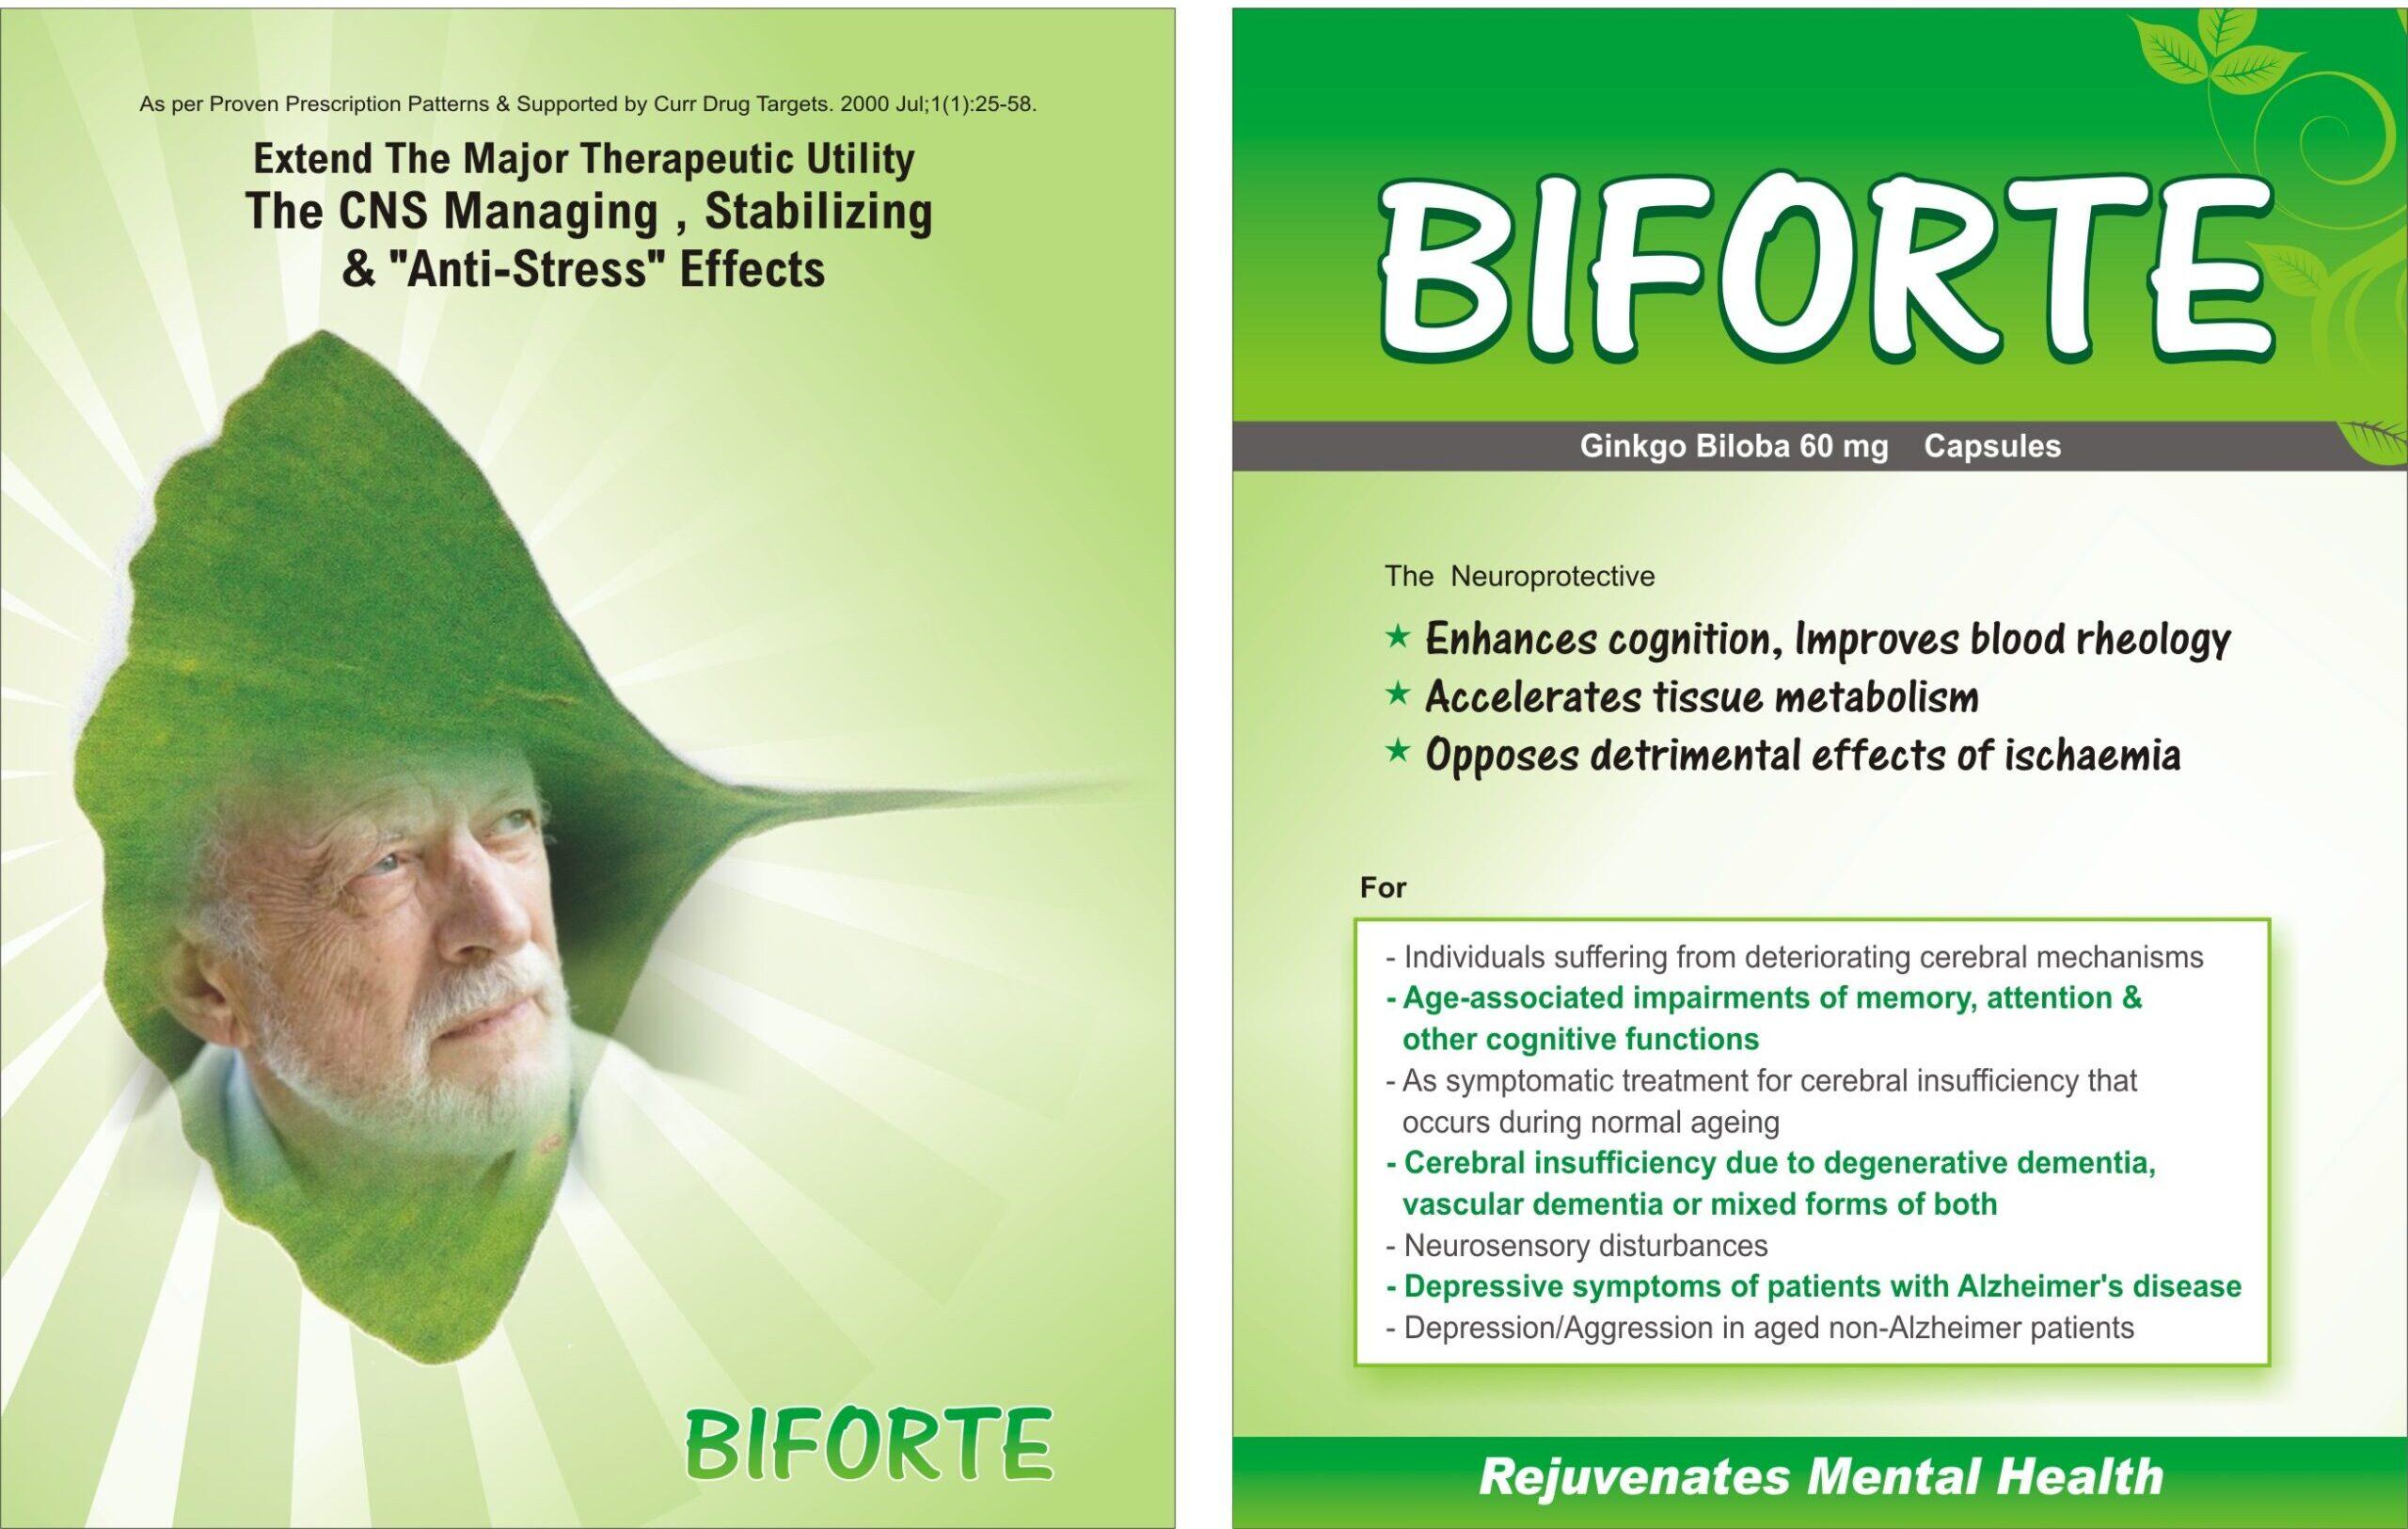 Biforte